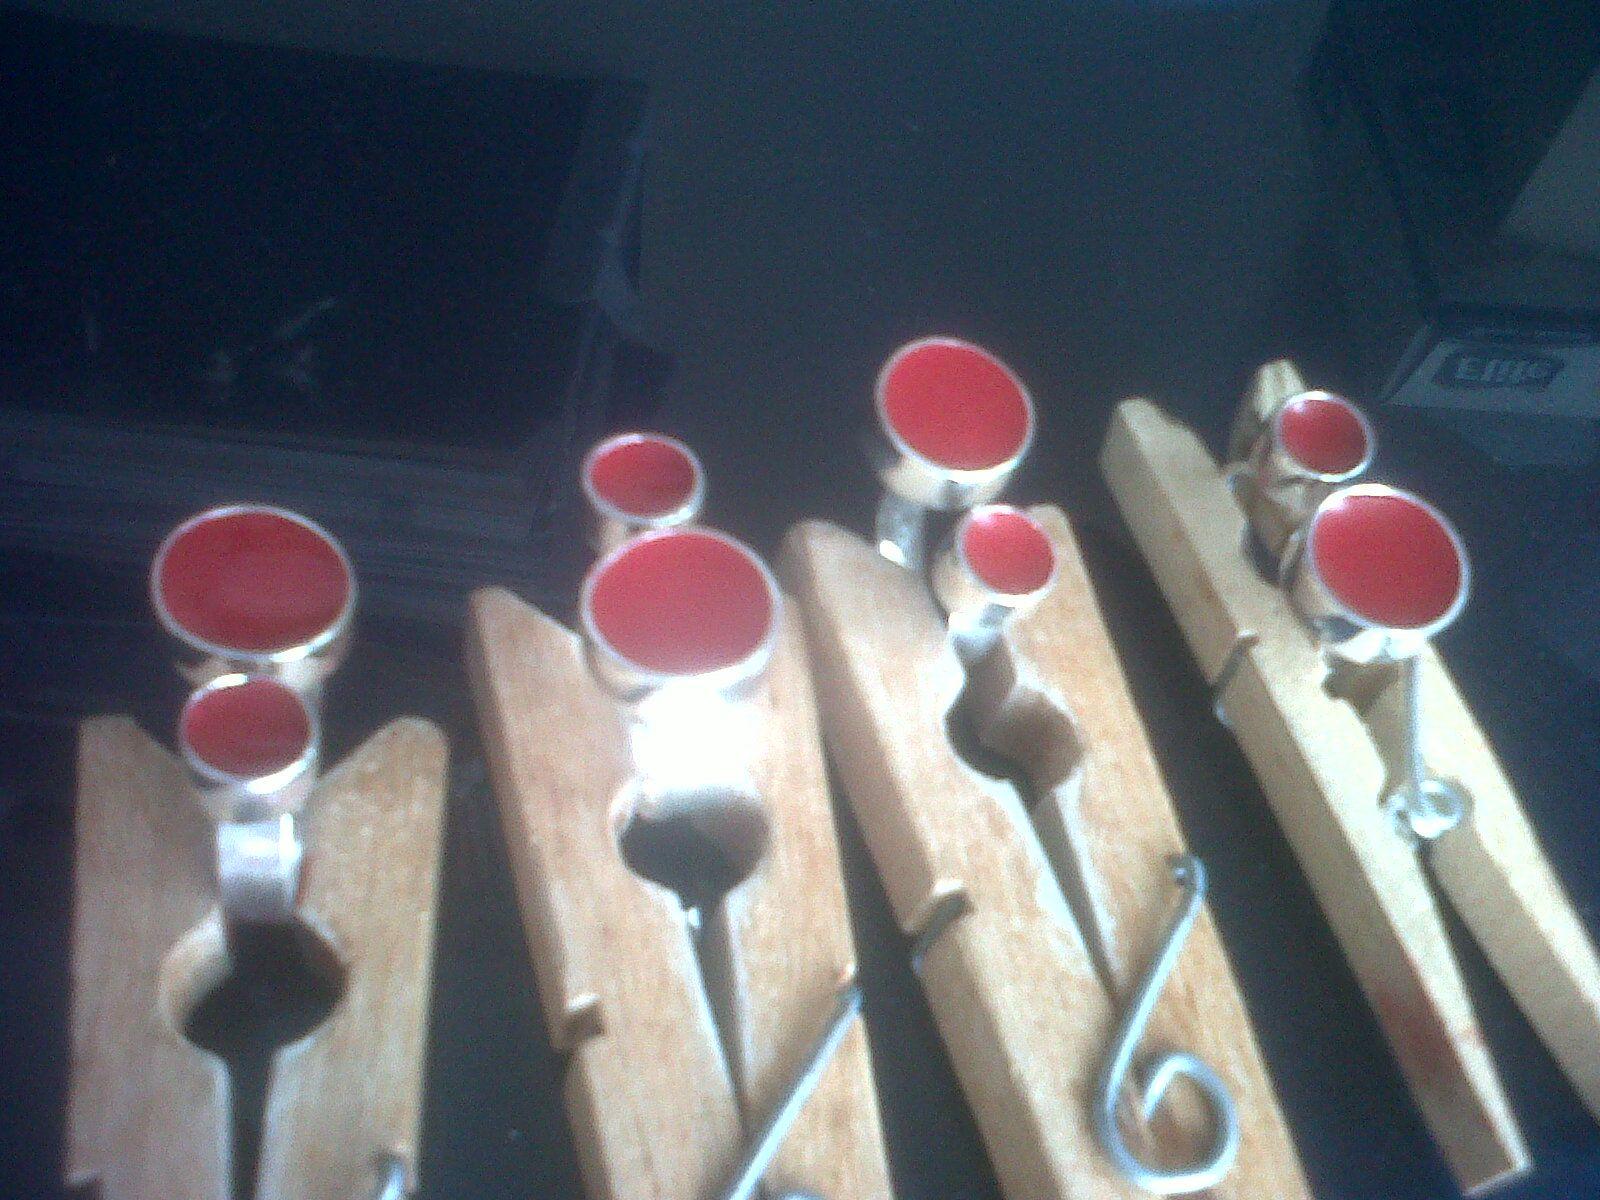 anillos de plata con resina roja